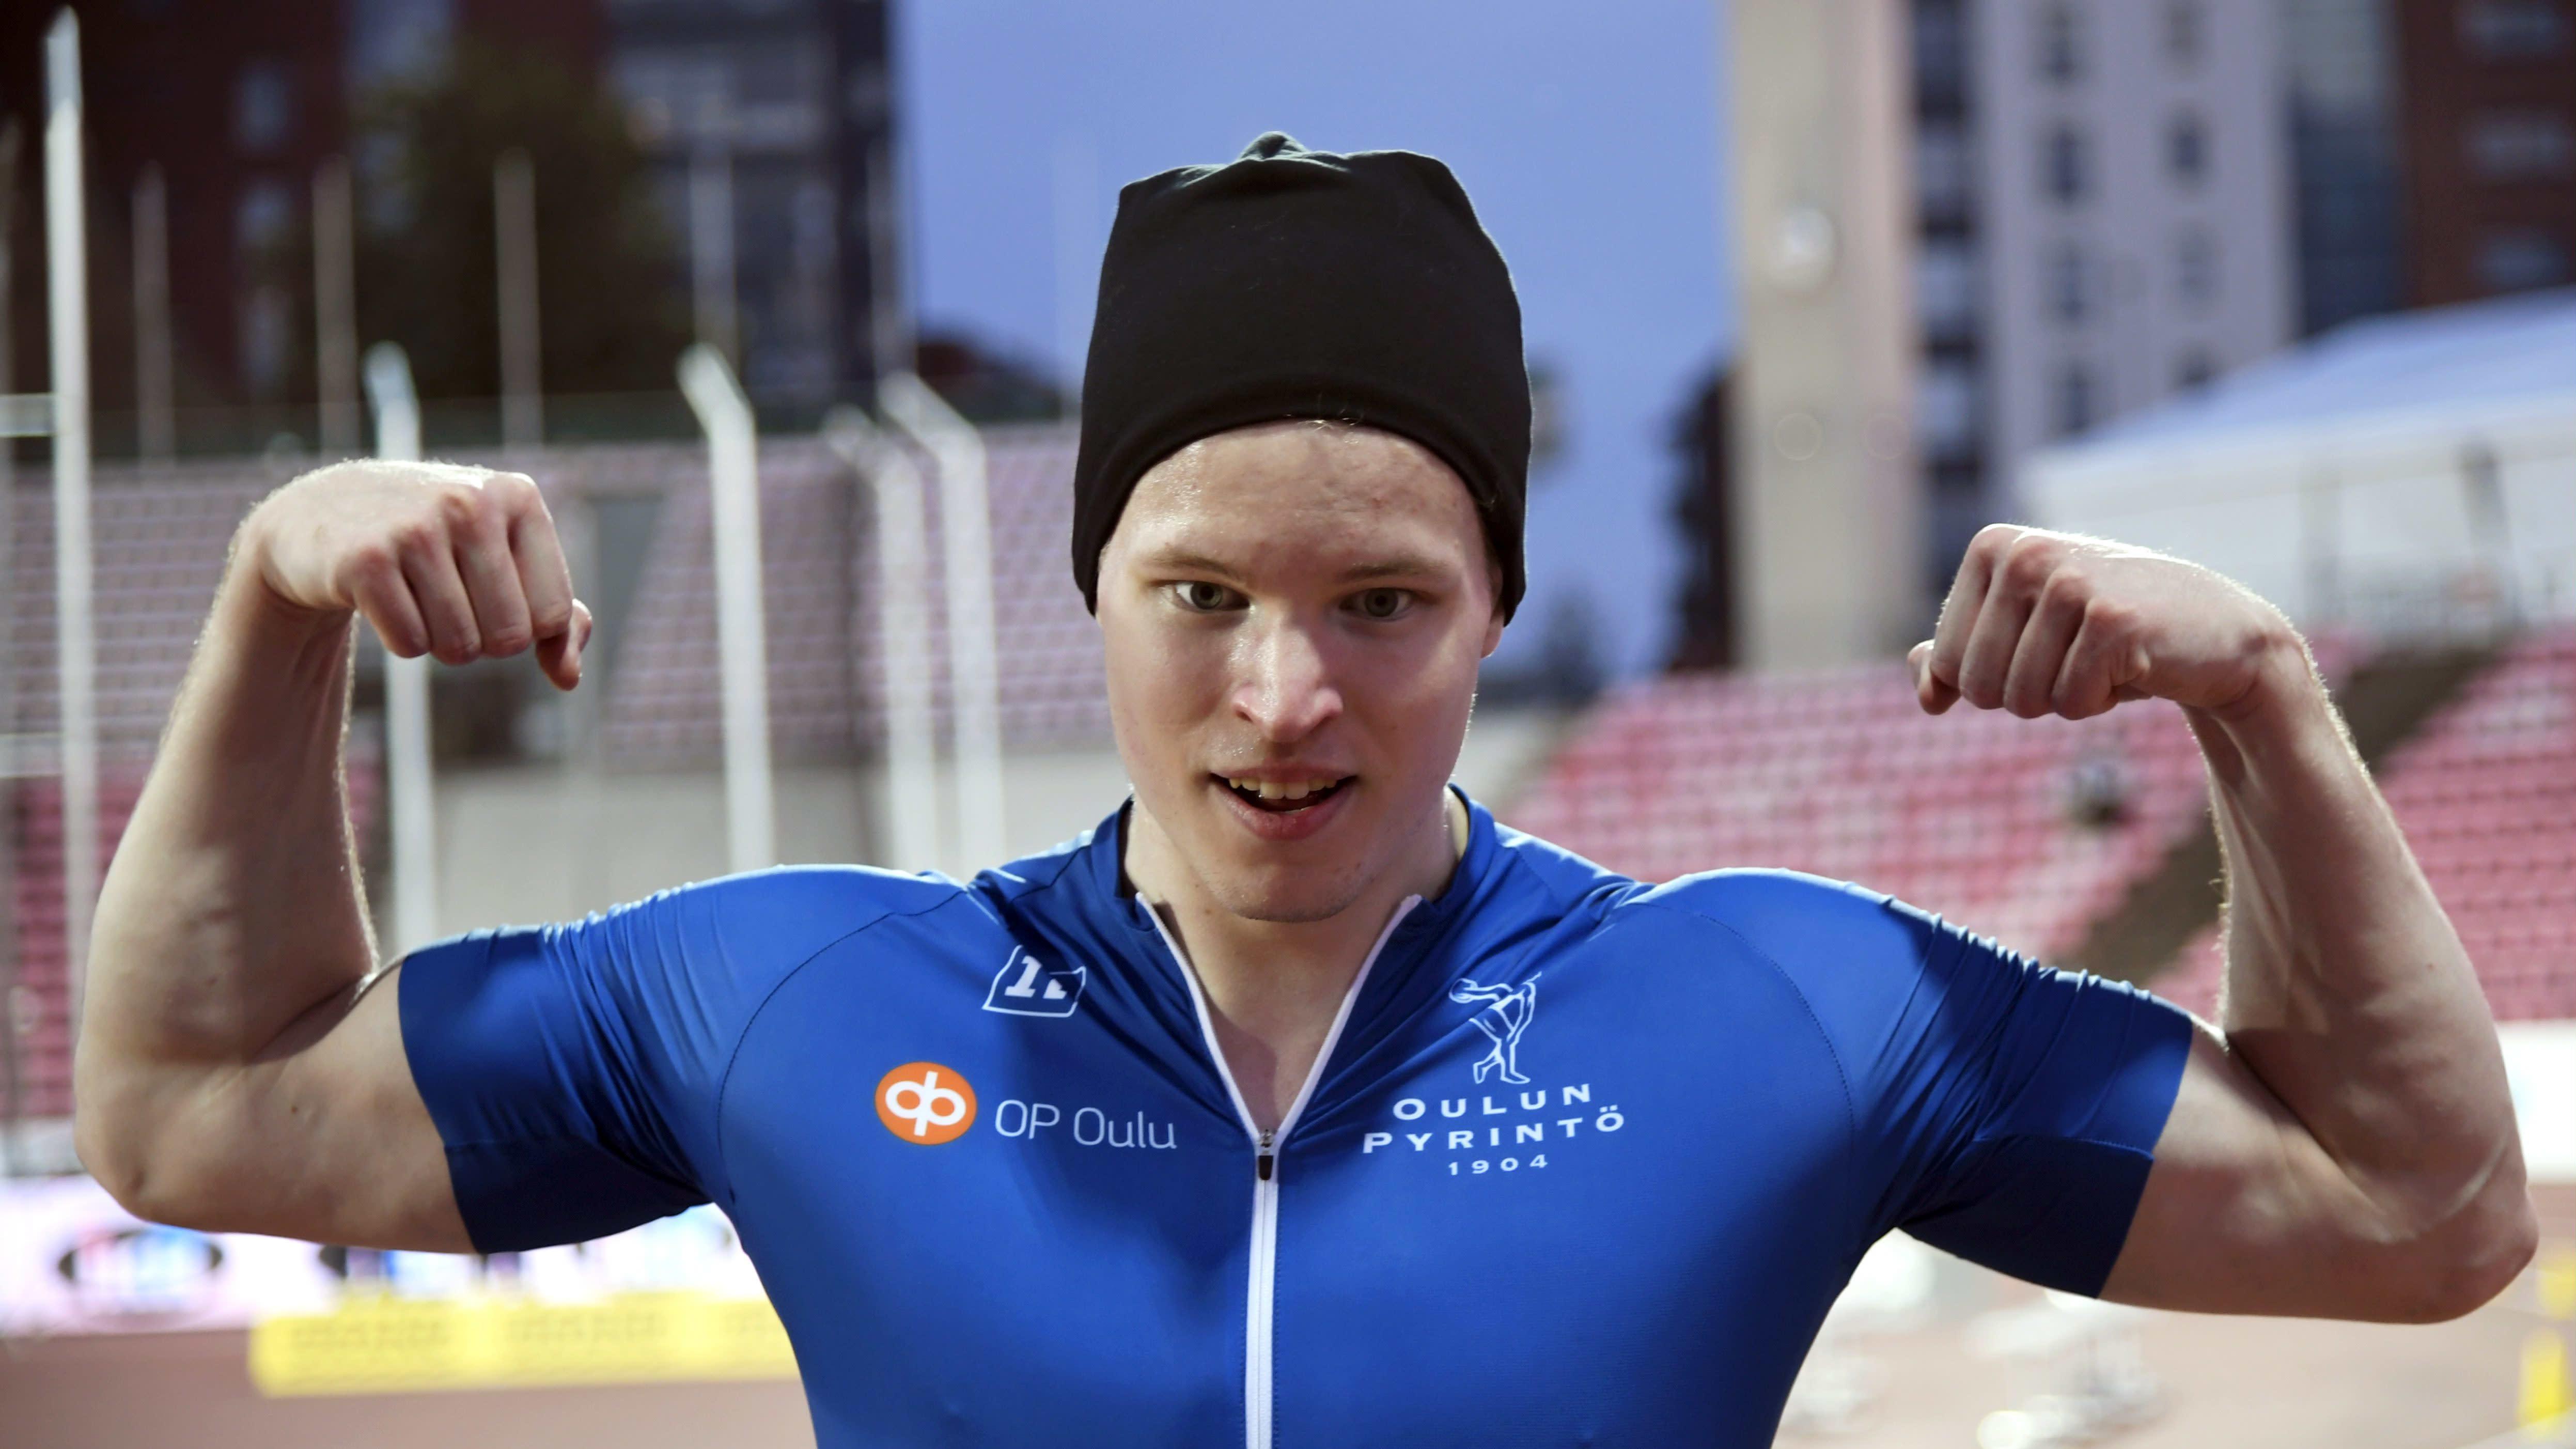 Samuel Purola miesten 100 metrin juoksun jälkeen Kalevan kisoissa Tampereella lauantaina 28. elokuuta 2021.